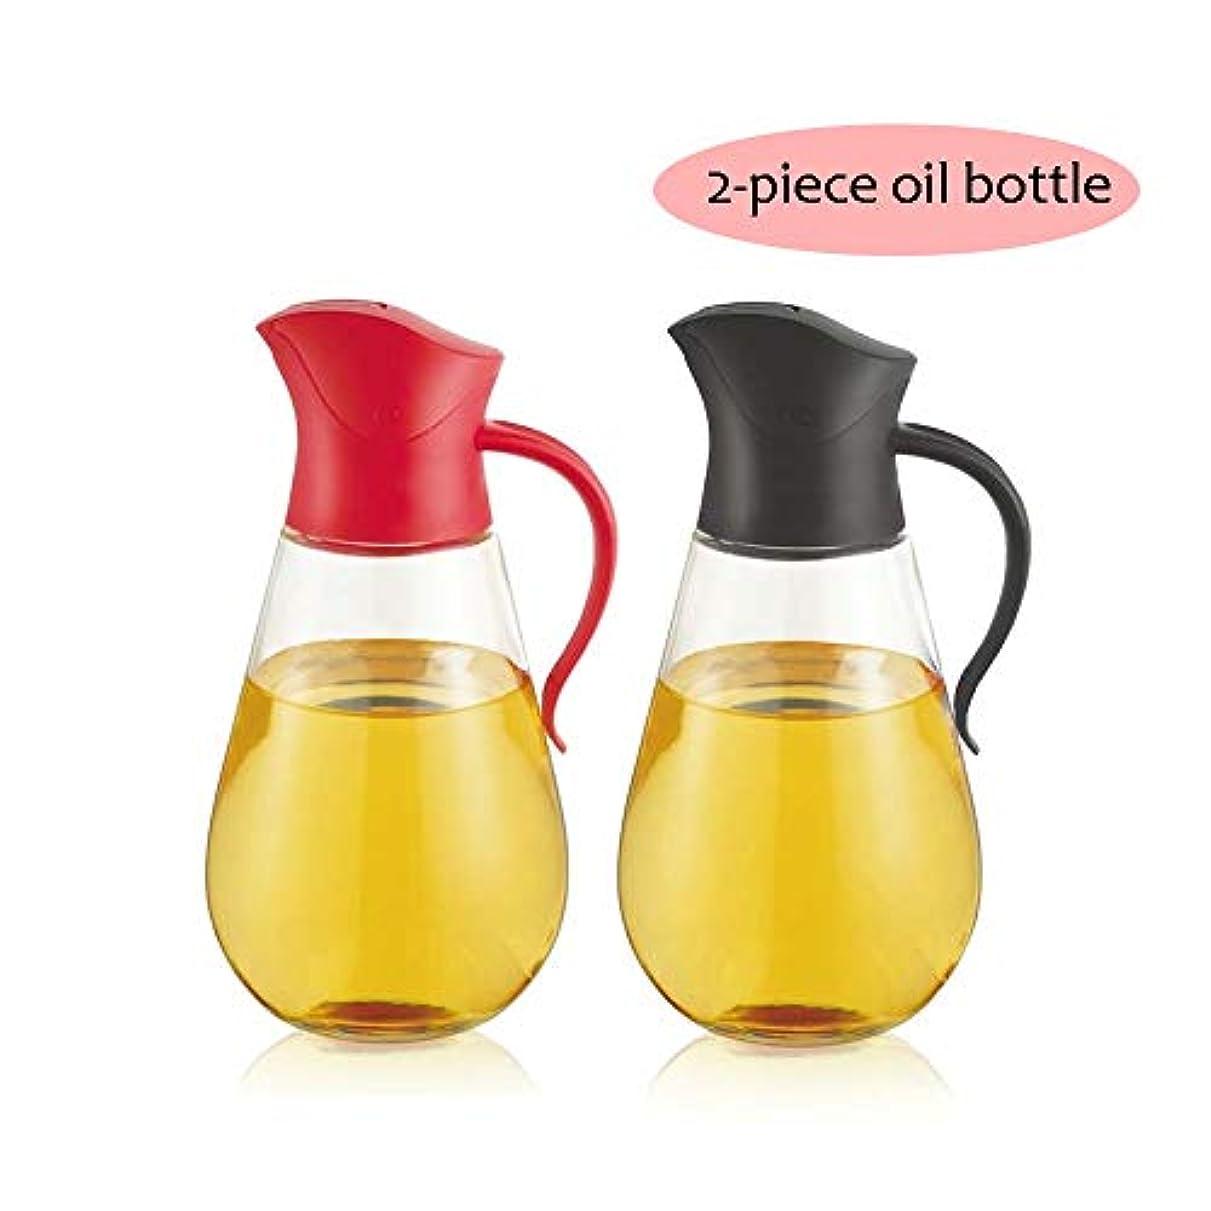 悪魔努力するオイルジャグガラス漏れ防止オイルボトル大家庭用オイルボトル醤油瓶酢ポットキッチンオイル収納